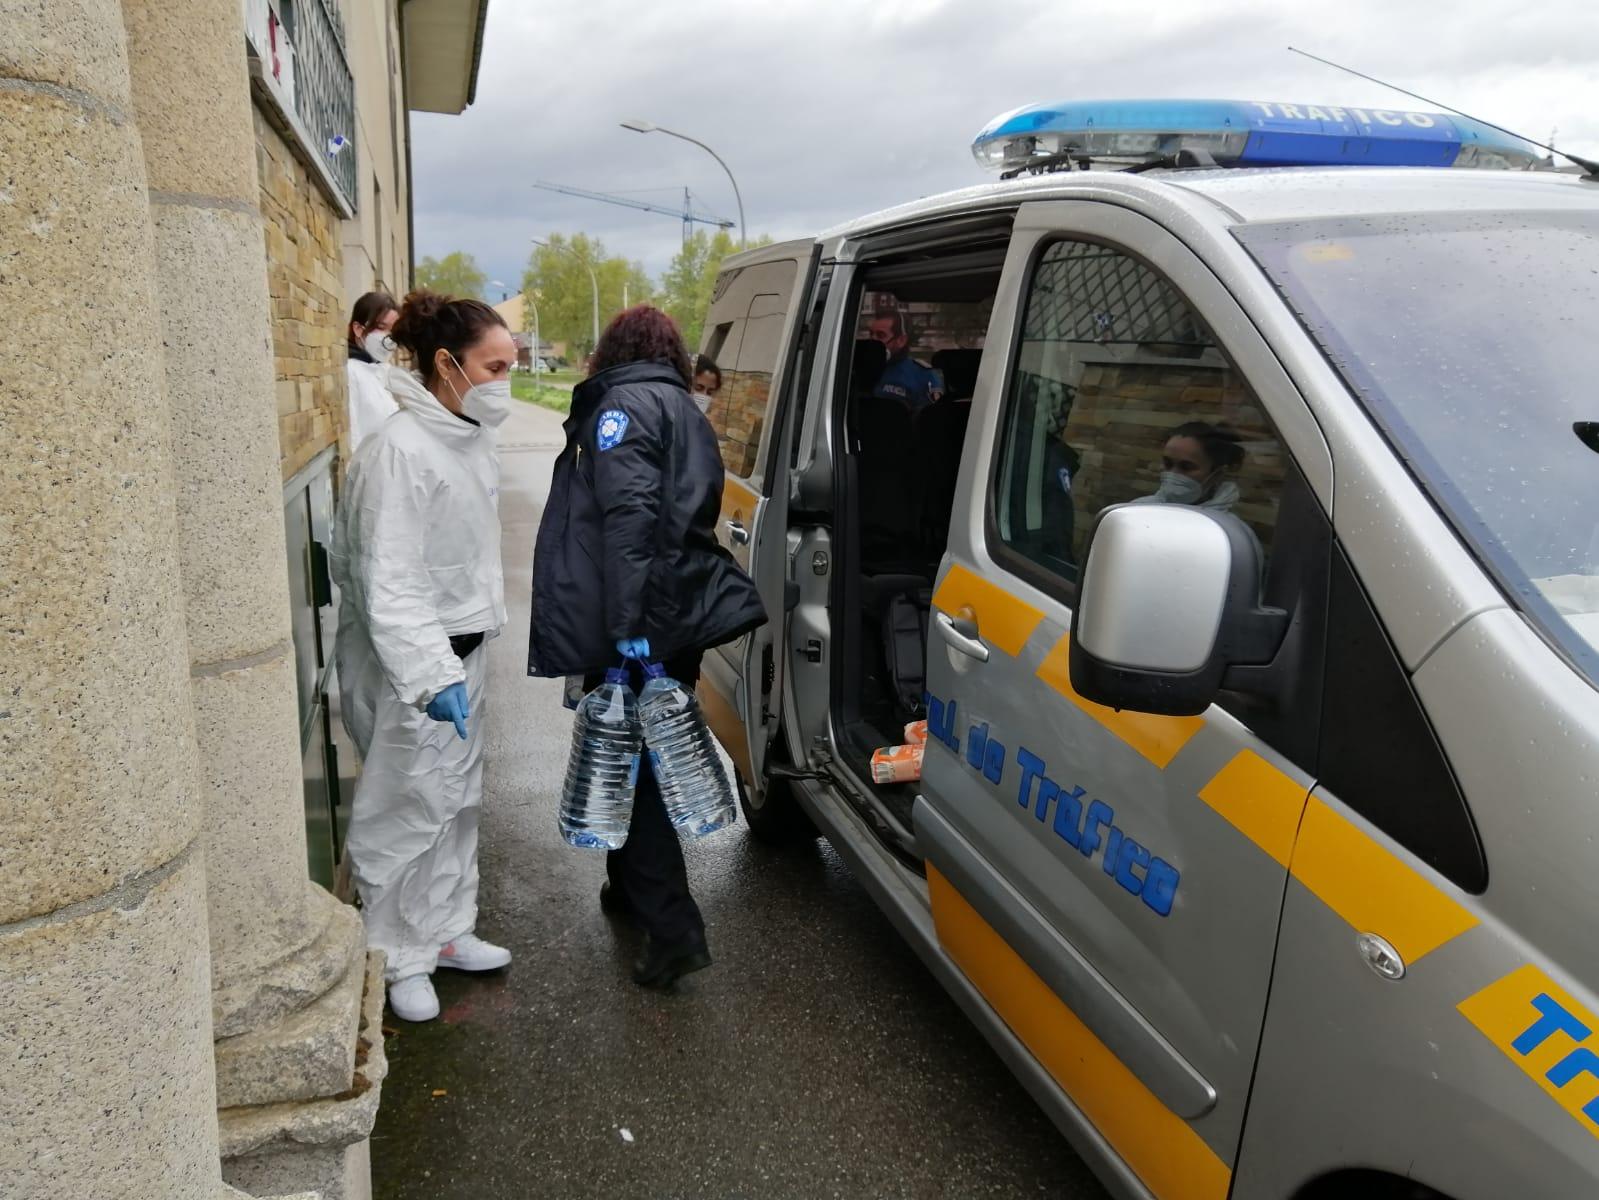 El albergue de peregrinos San Nicolás de Flué se convierte en un refugio para personas sin hogar durante el Estado de Alarma. 2